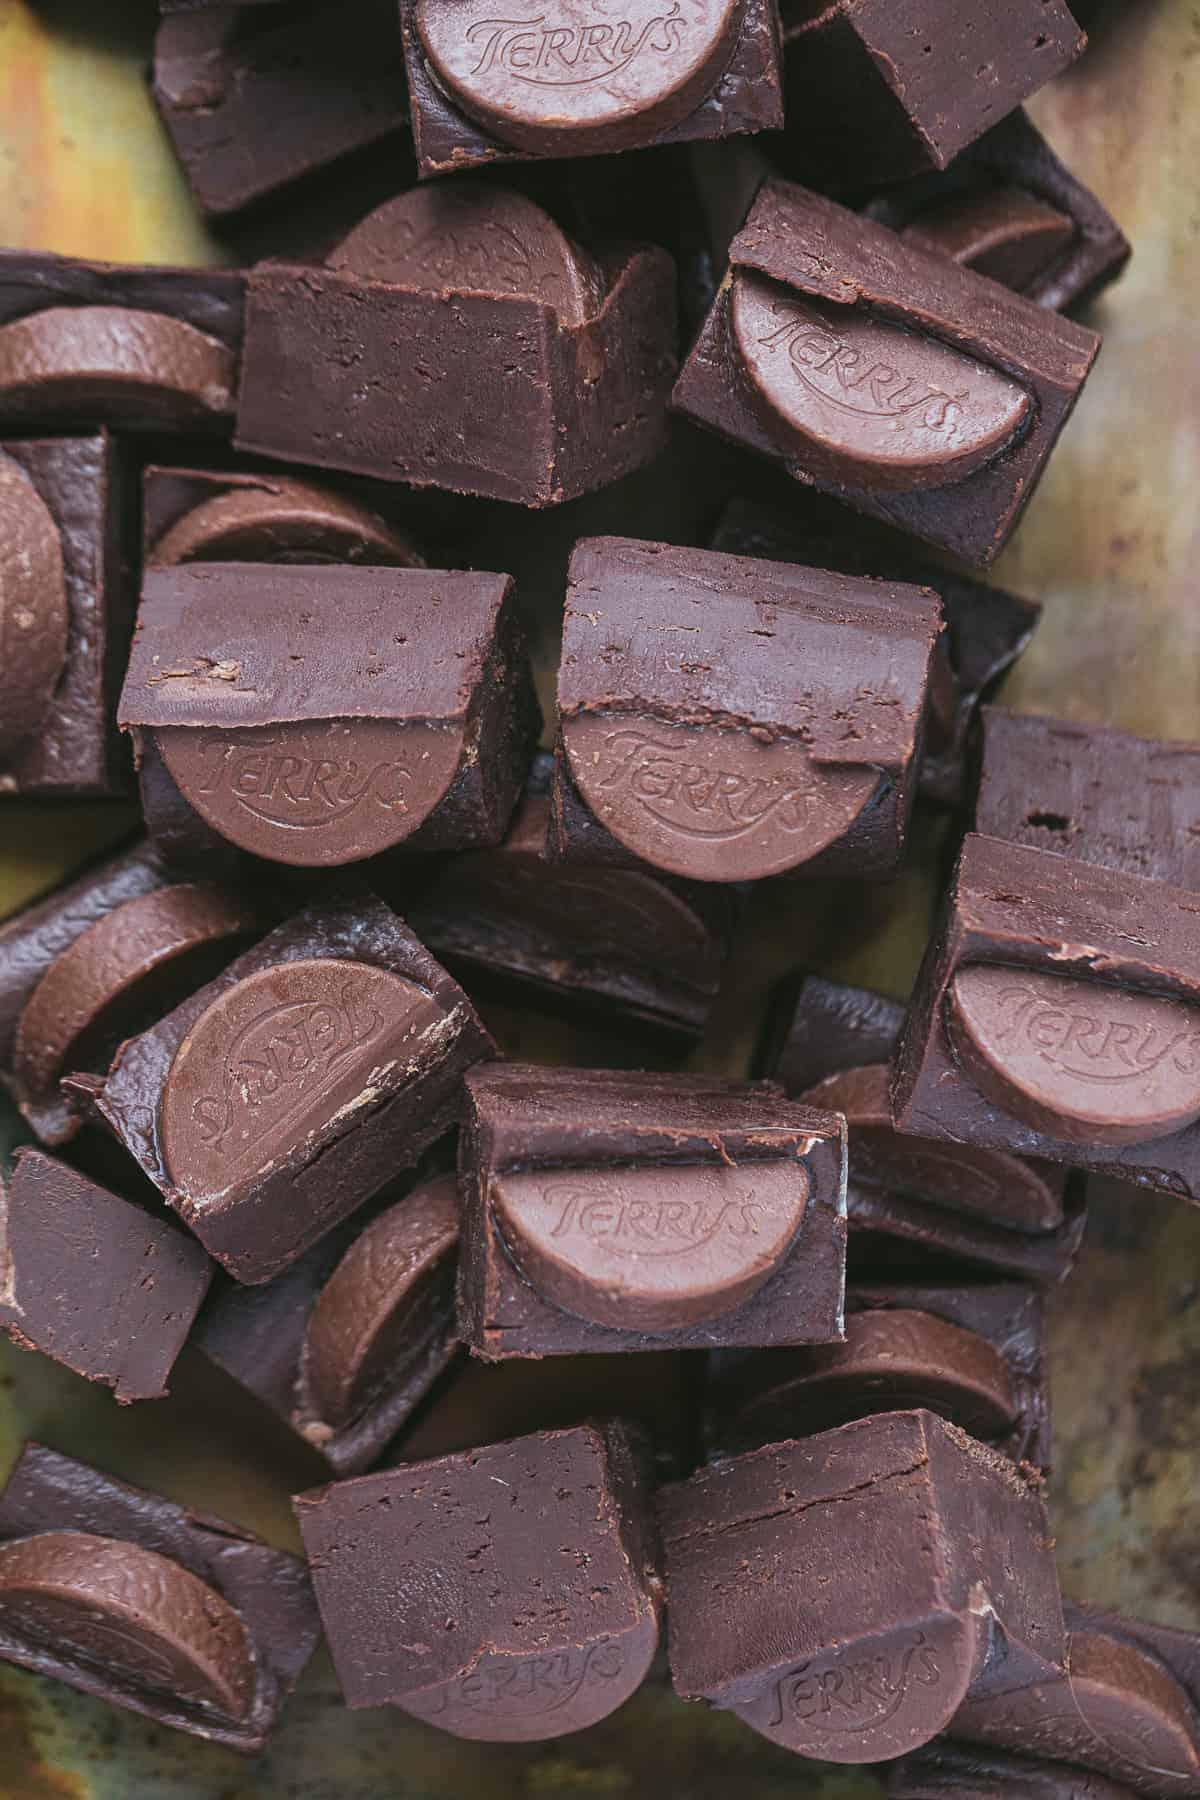 Rectangular pieces of Terry's choc orange fudge.